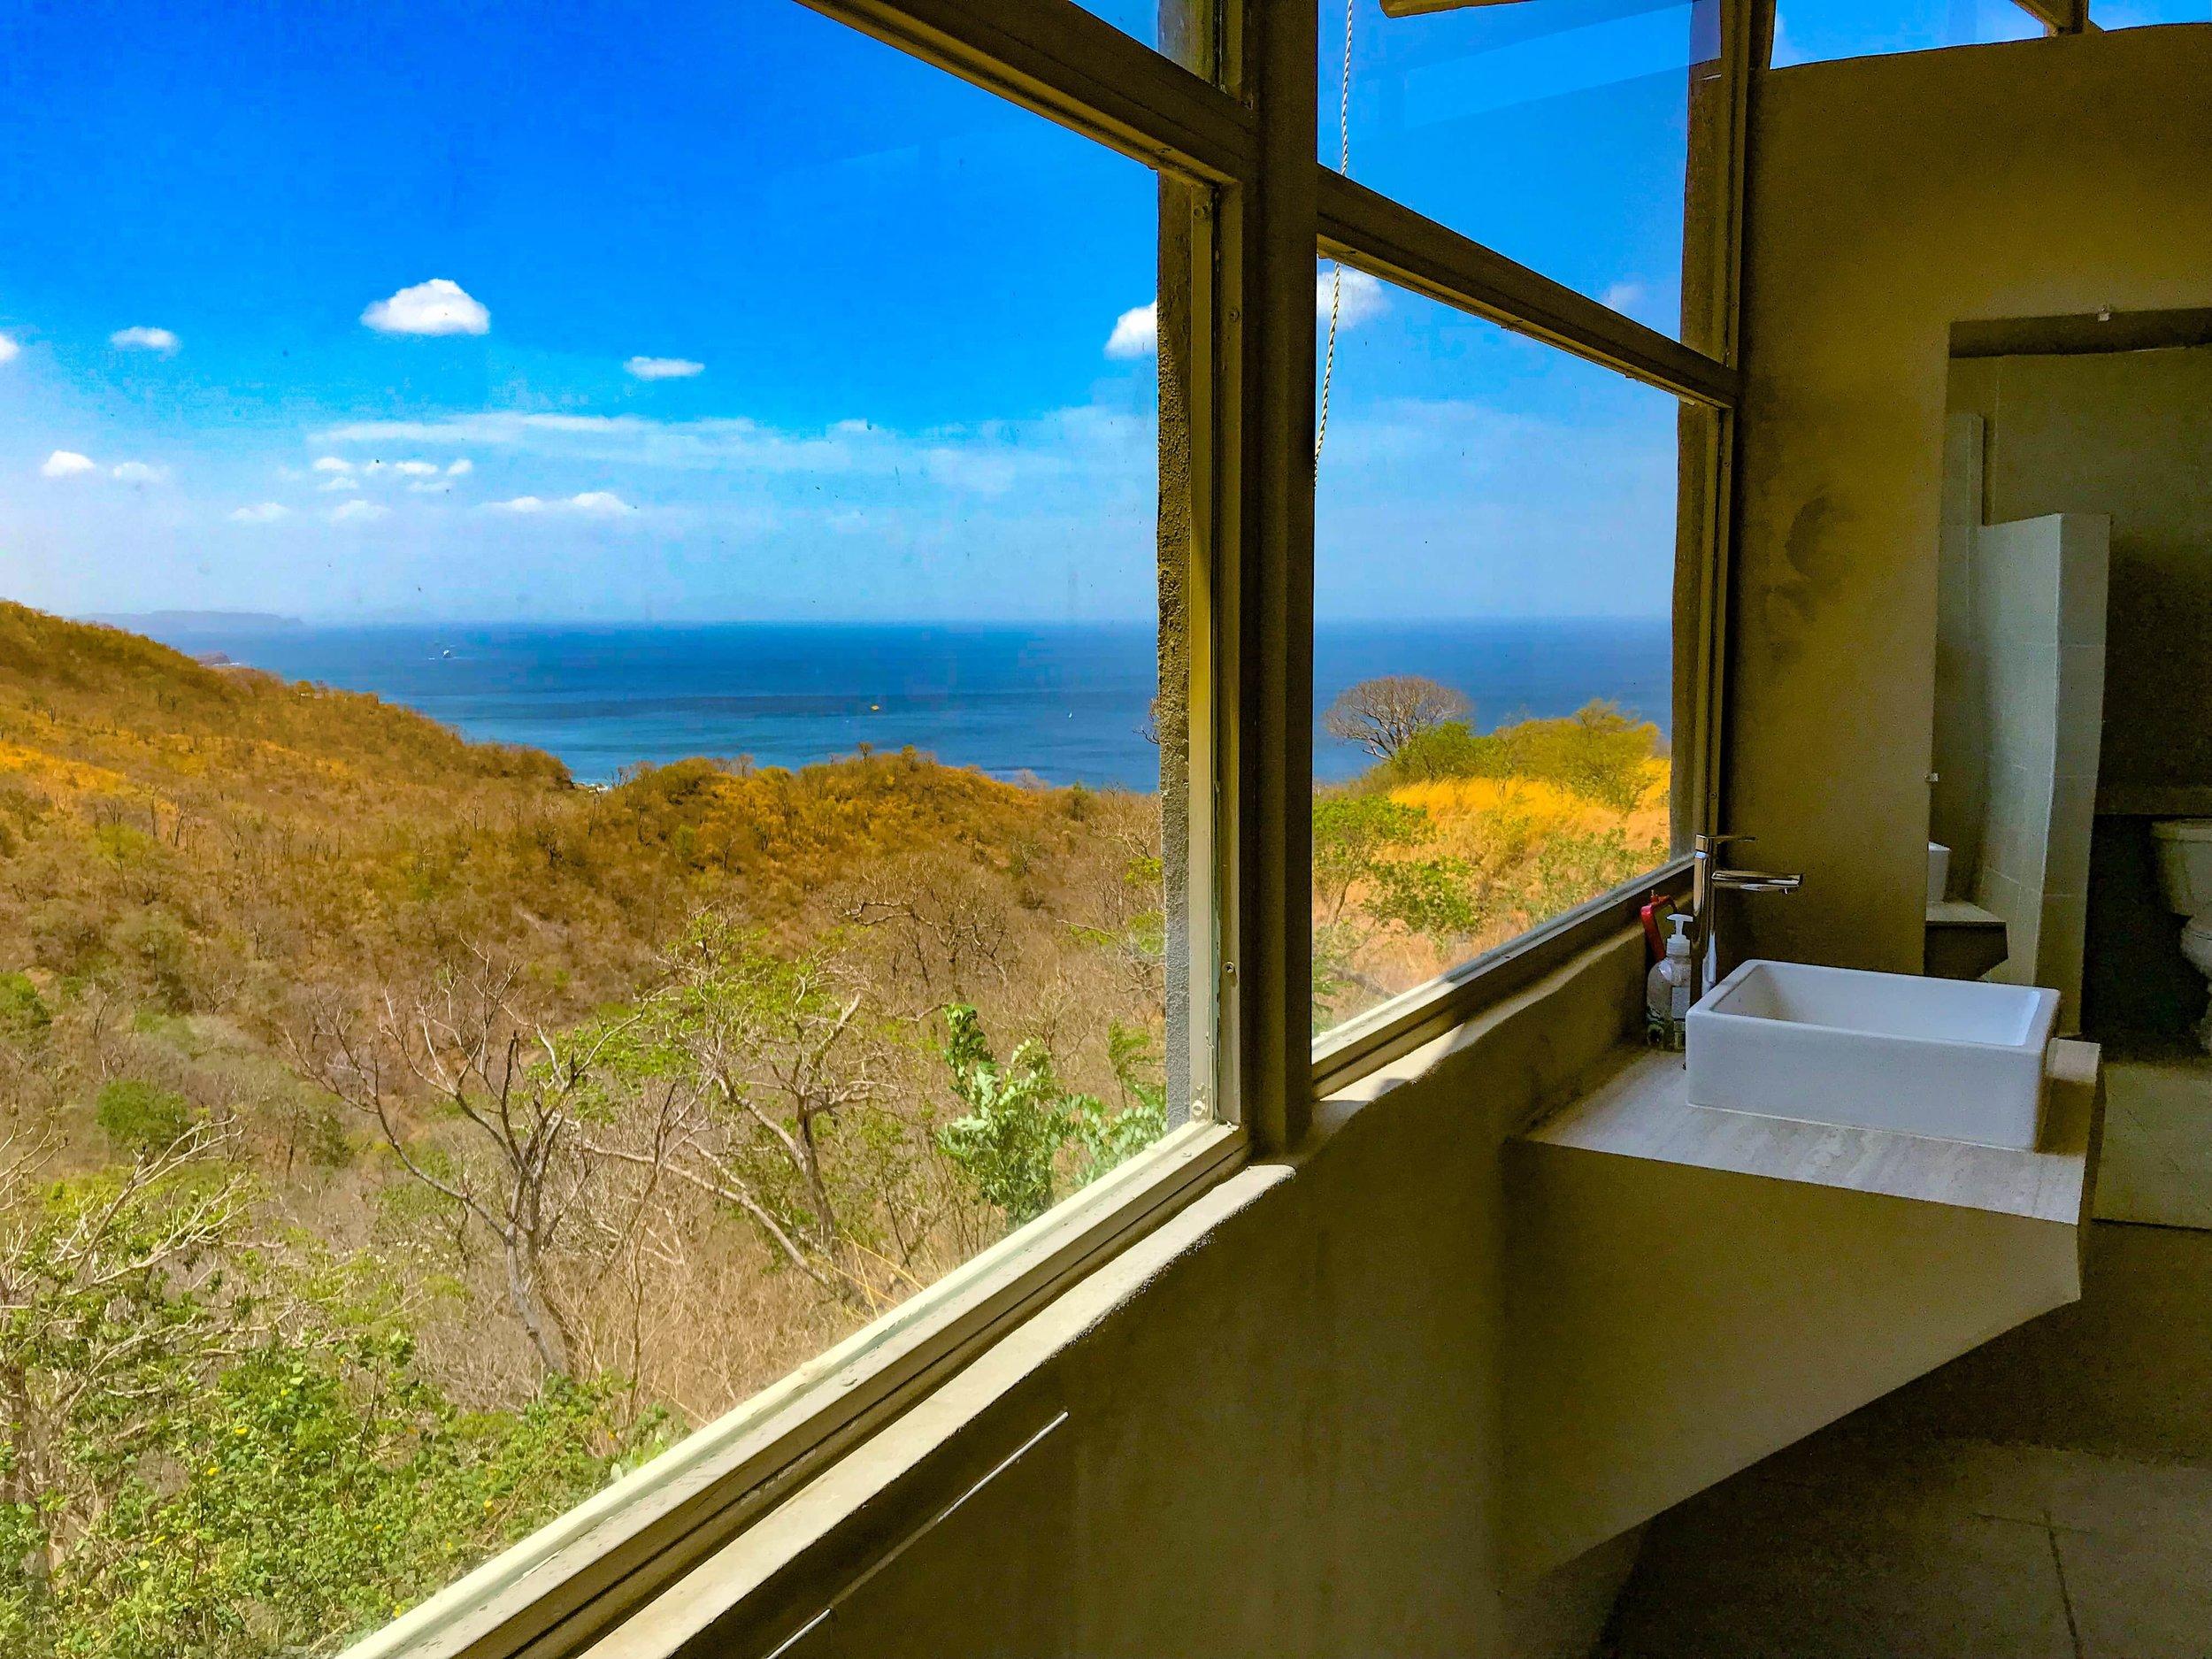 Home For Sale Paradise Bay San Juan Del Sur Nicaragua9-min.JPEG